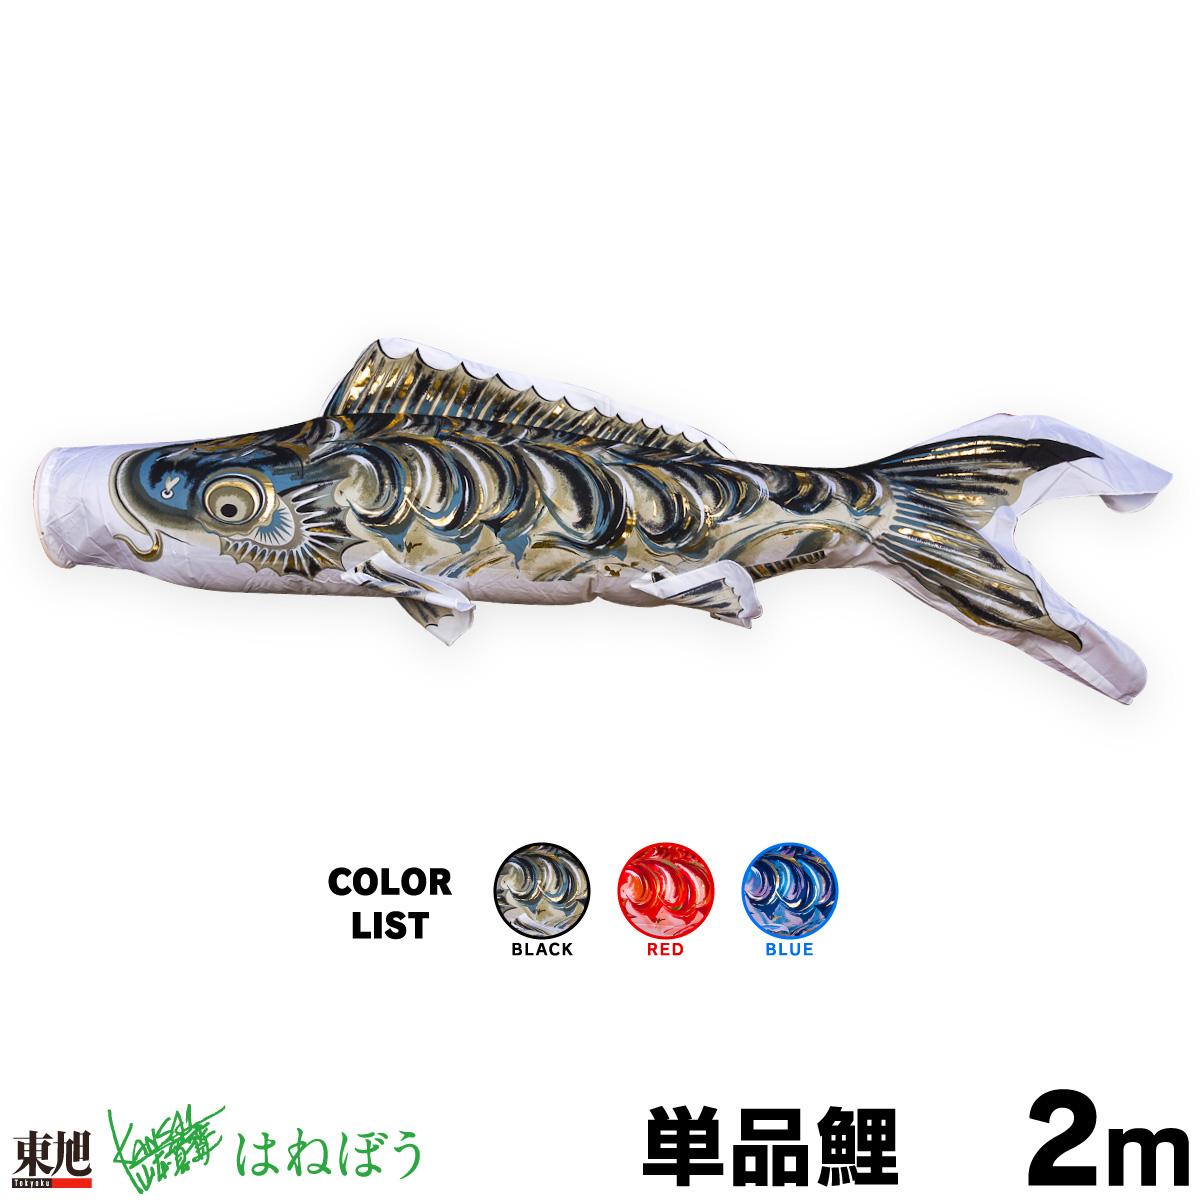 【こいのぼり 単品】 はねぼう 2m 単品鯉